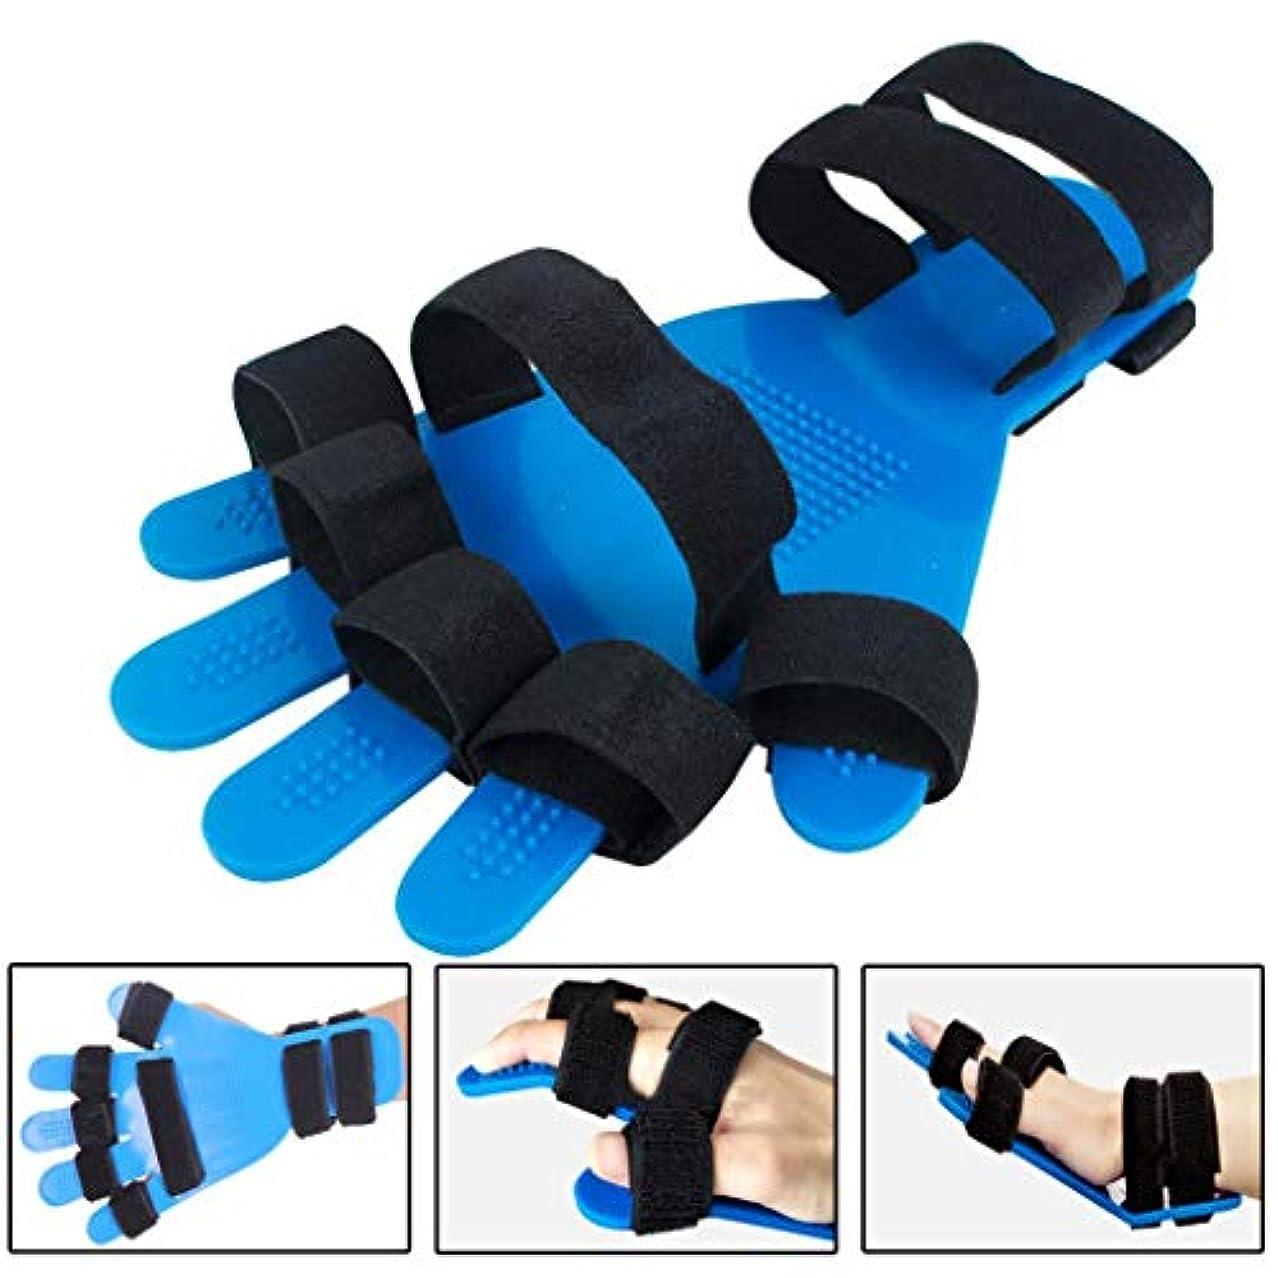 温室棚鈍い指の添え木指板指の分離器 - 脳卒中/片麻痺/外傷性脳損傷のための指矯正器指板